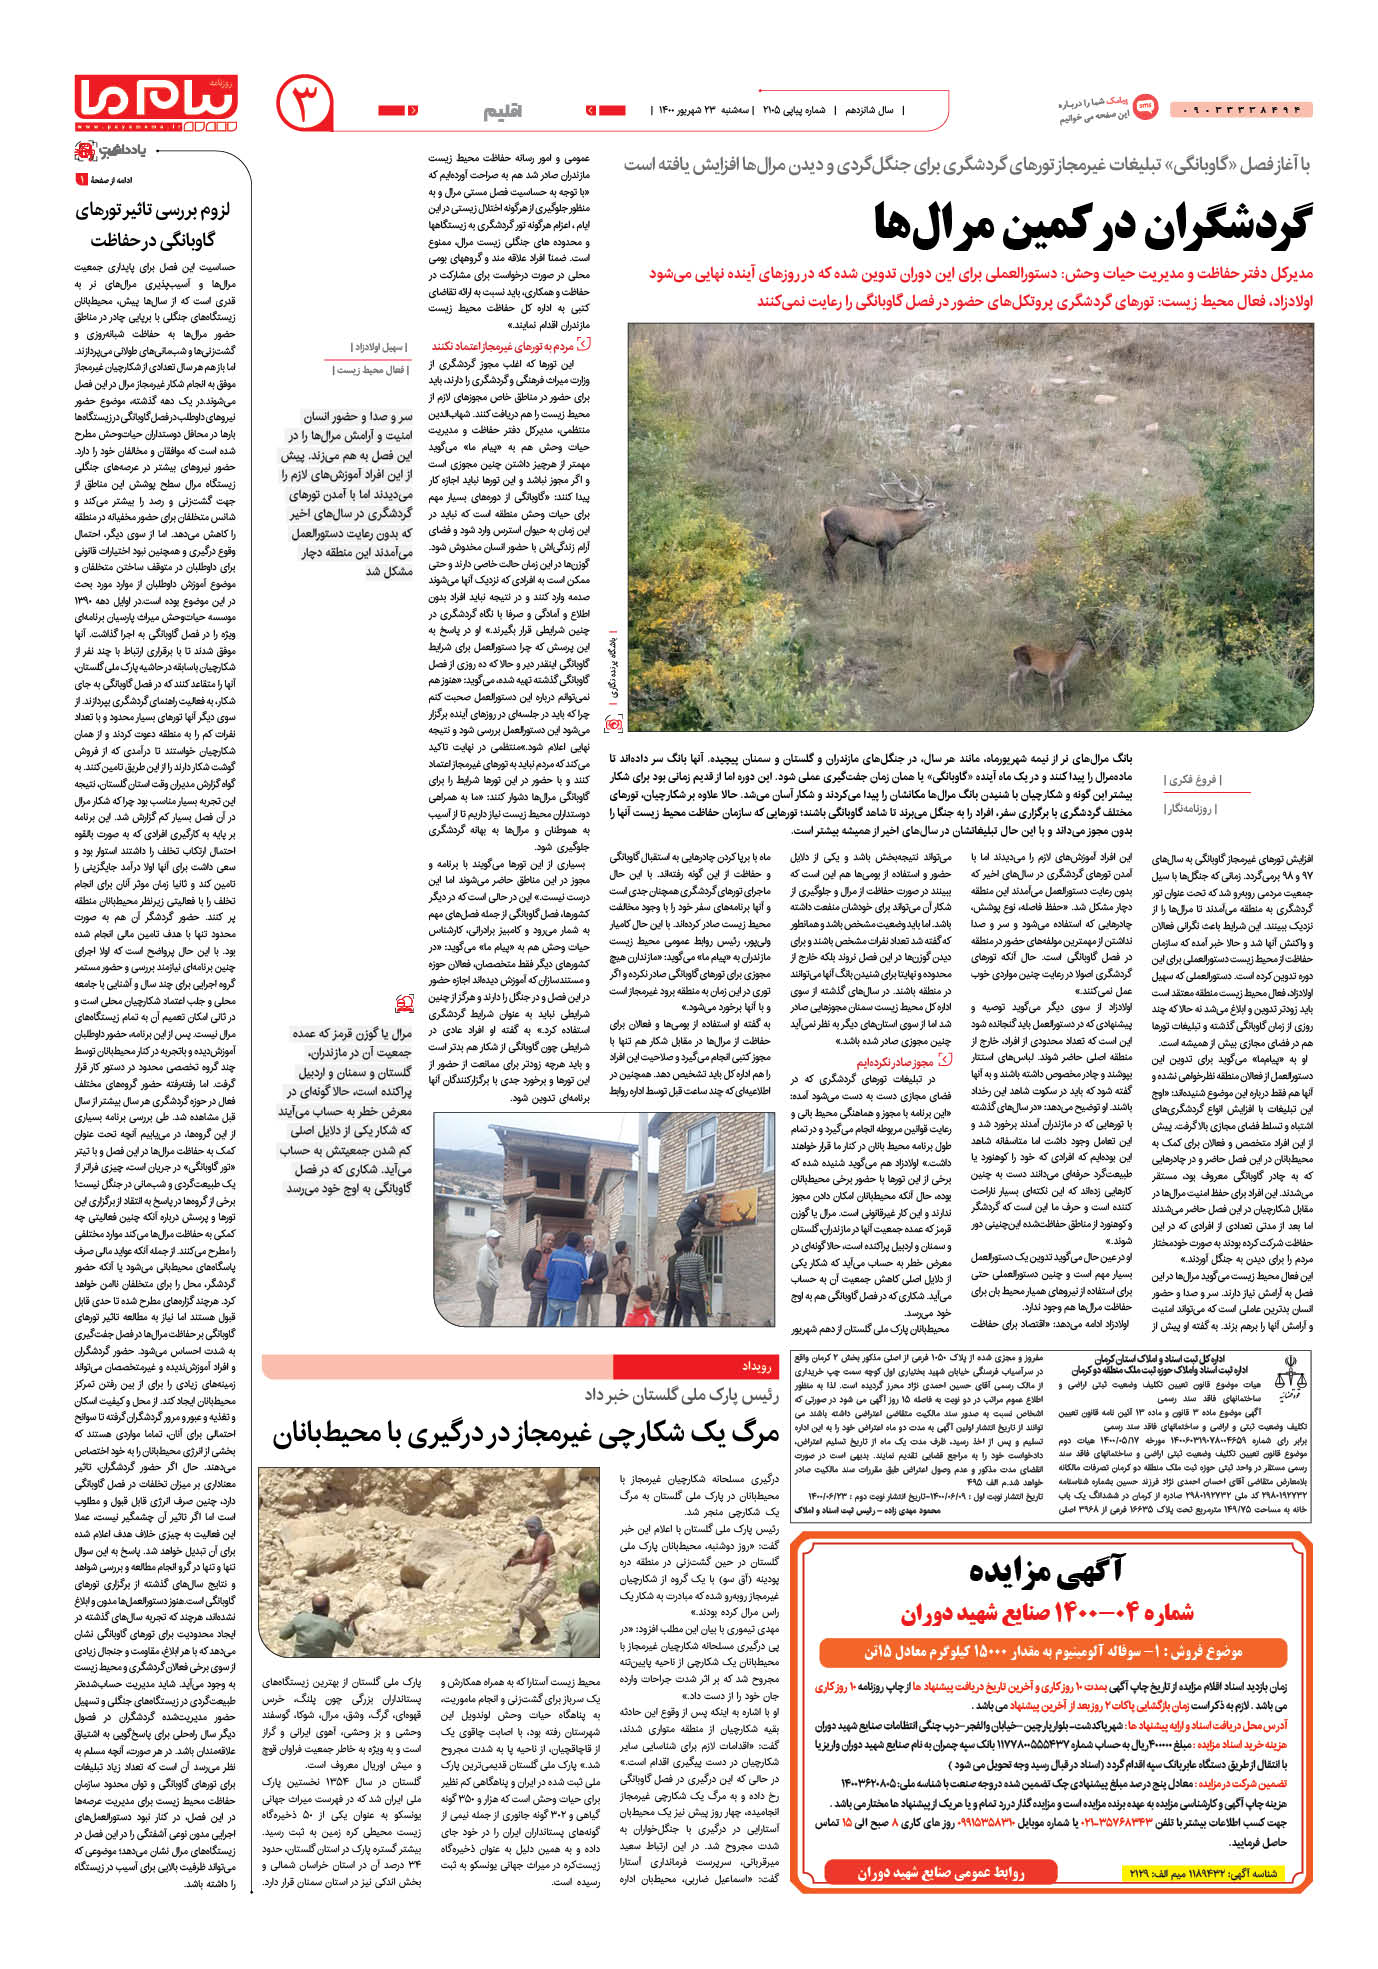 صفحه اقلیم شماره 2105 روزنامه پیام ما